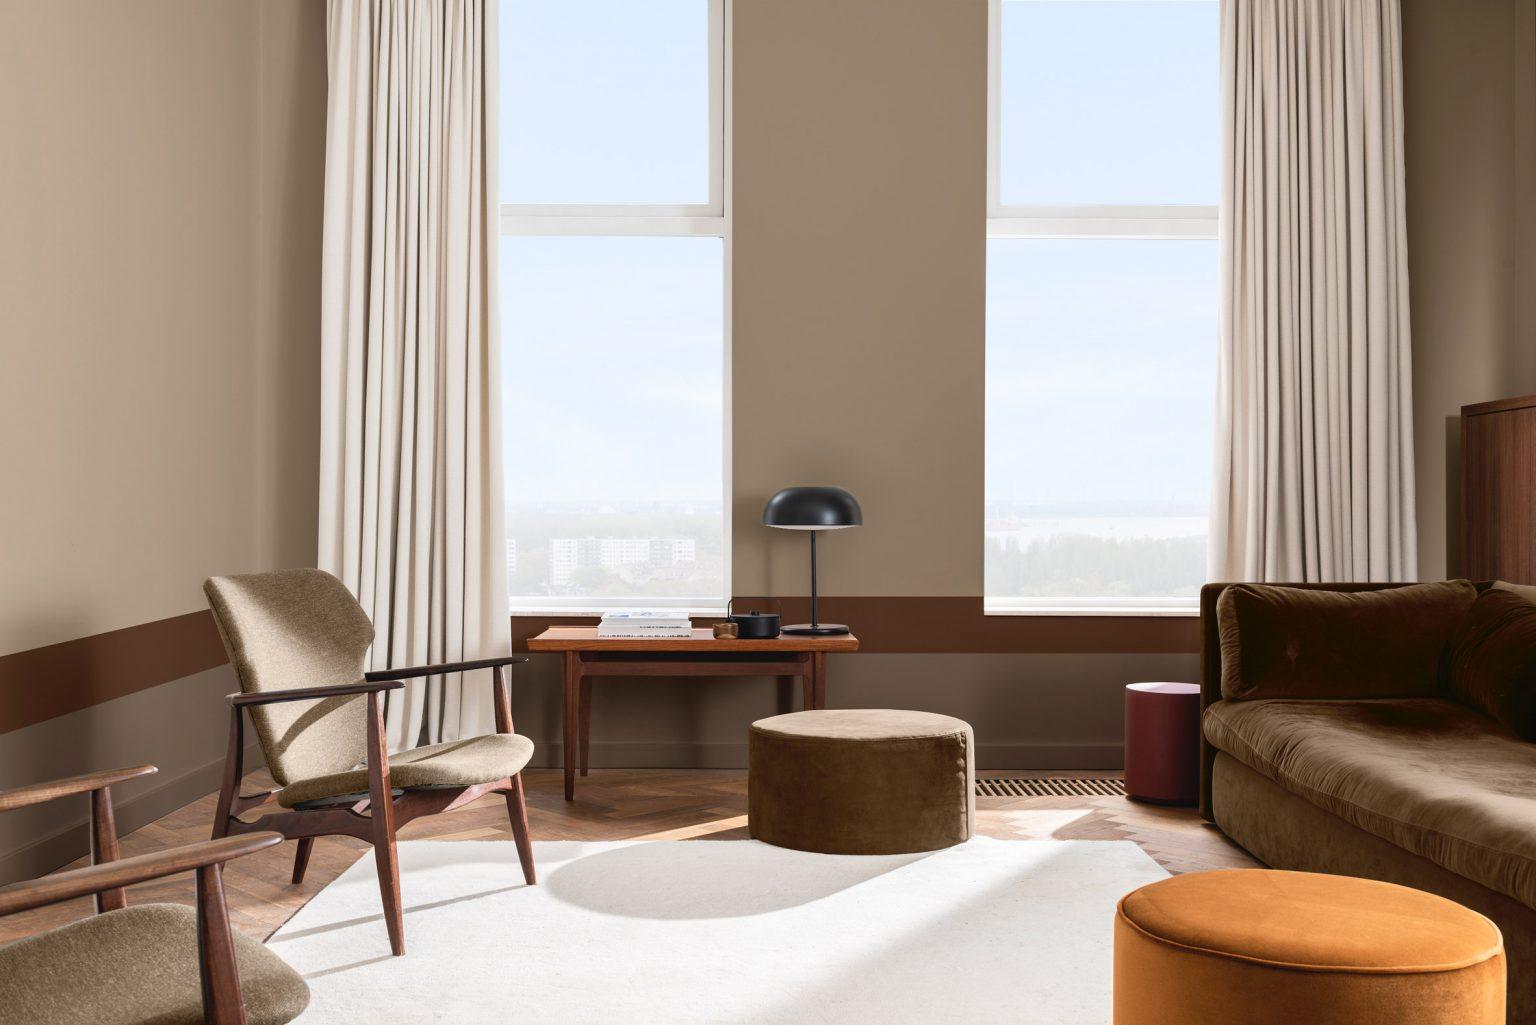 woontrends 2021 flexa kleur van het jaar brave ground aardetinten woonkamer